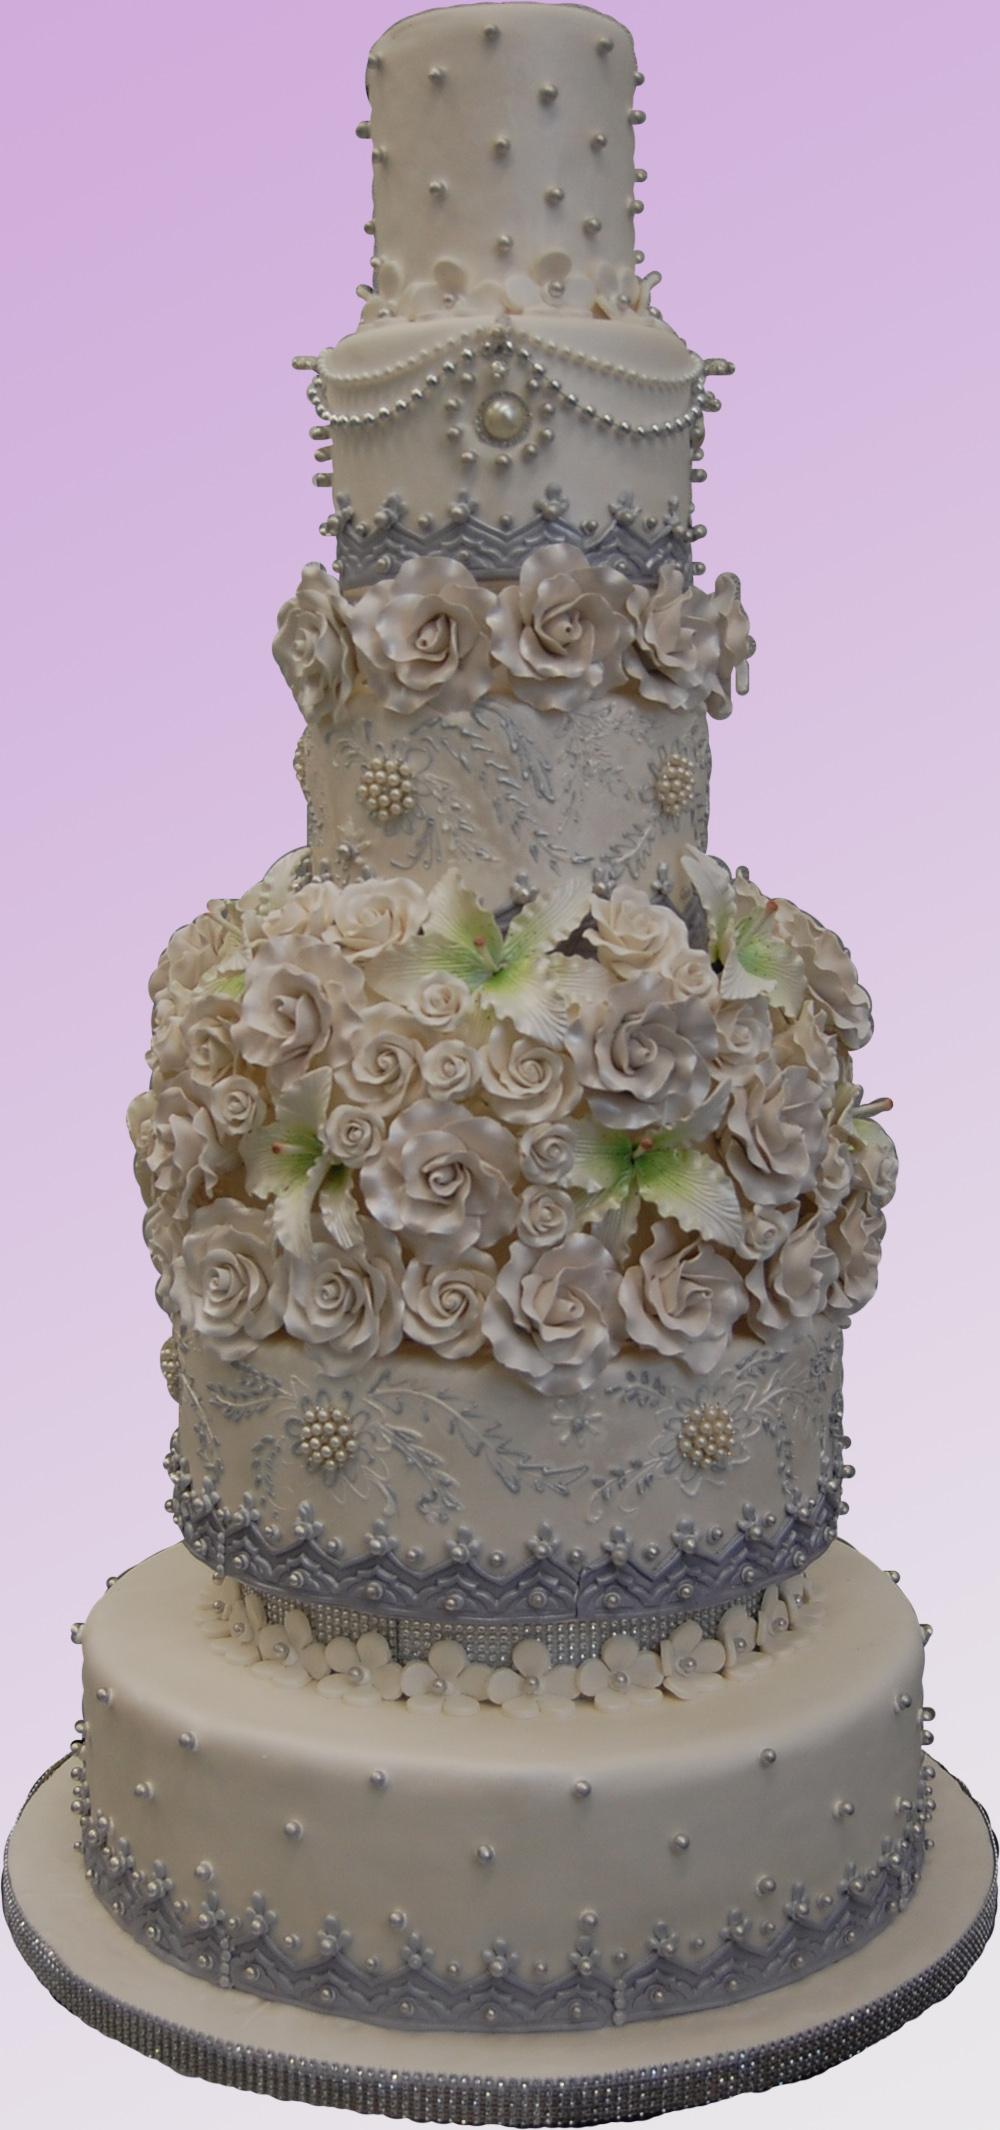 cakex6